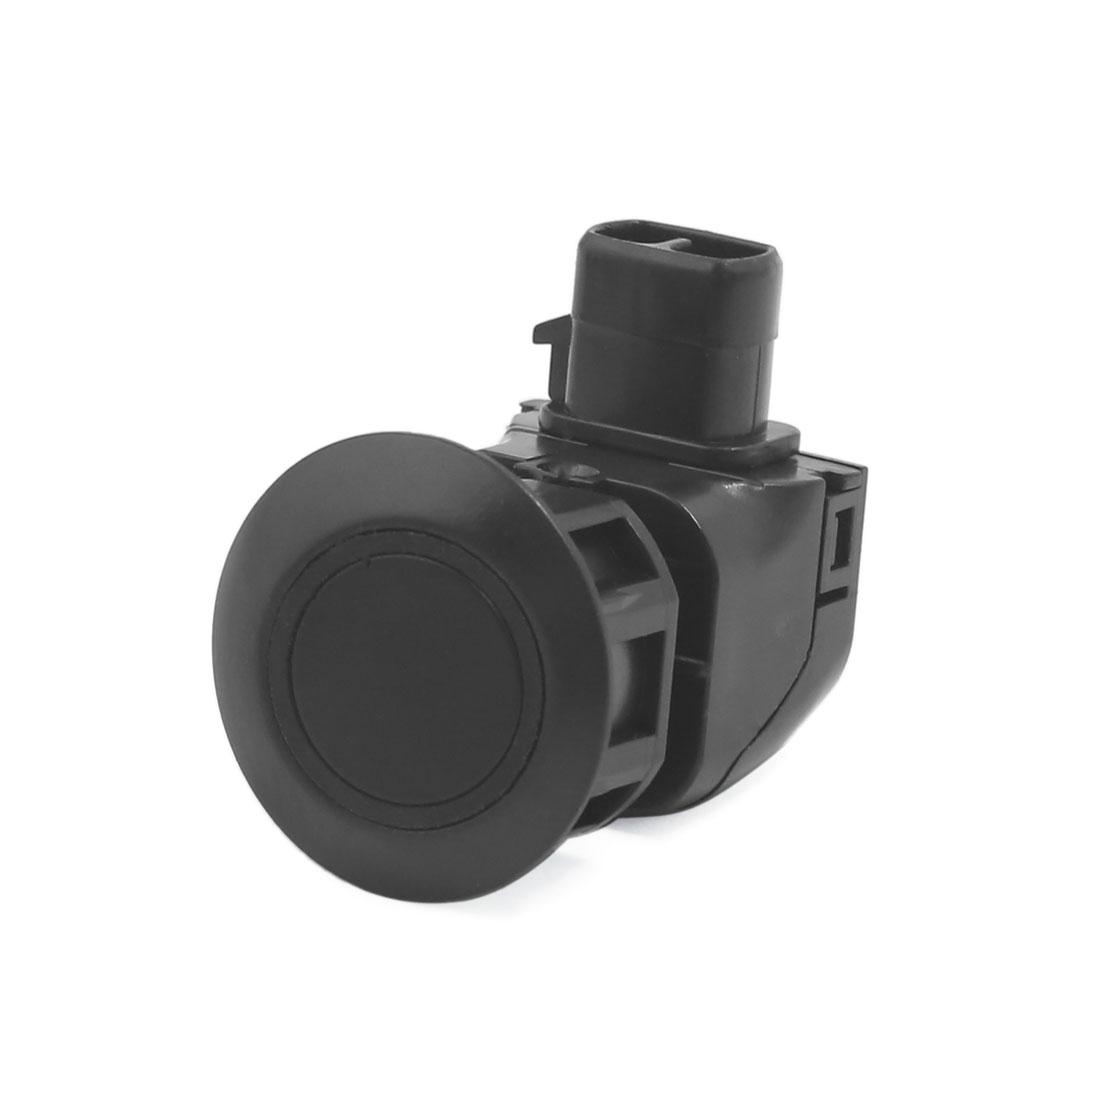 Car PDC Parking Sensor for Toyota Camry Lexus RX 89341-BZ090 PS341D7C0